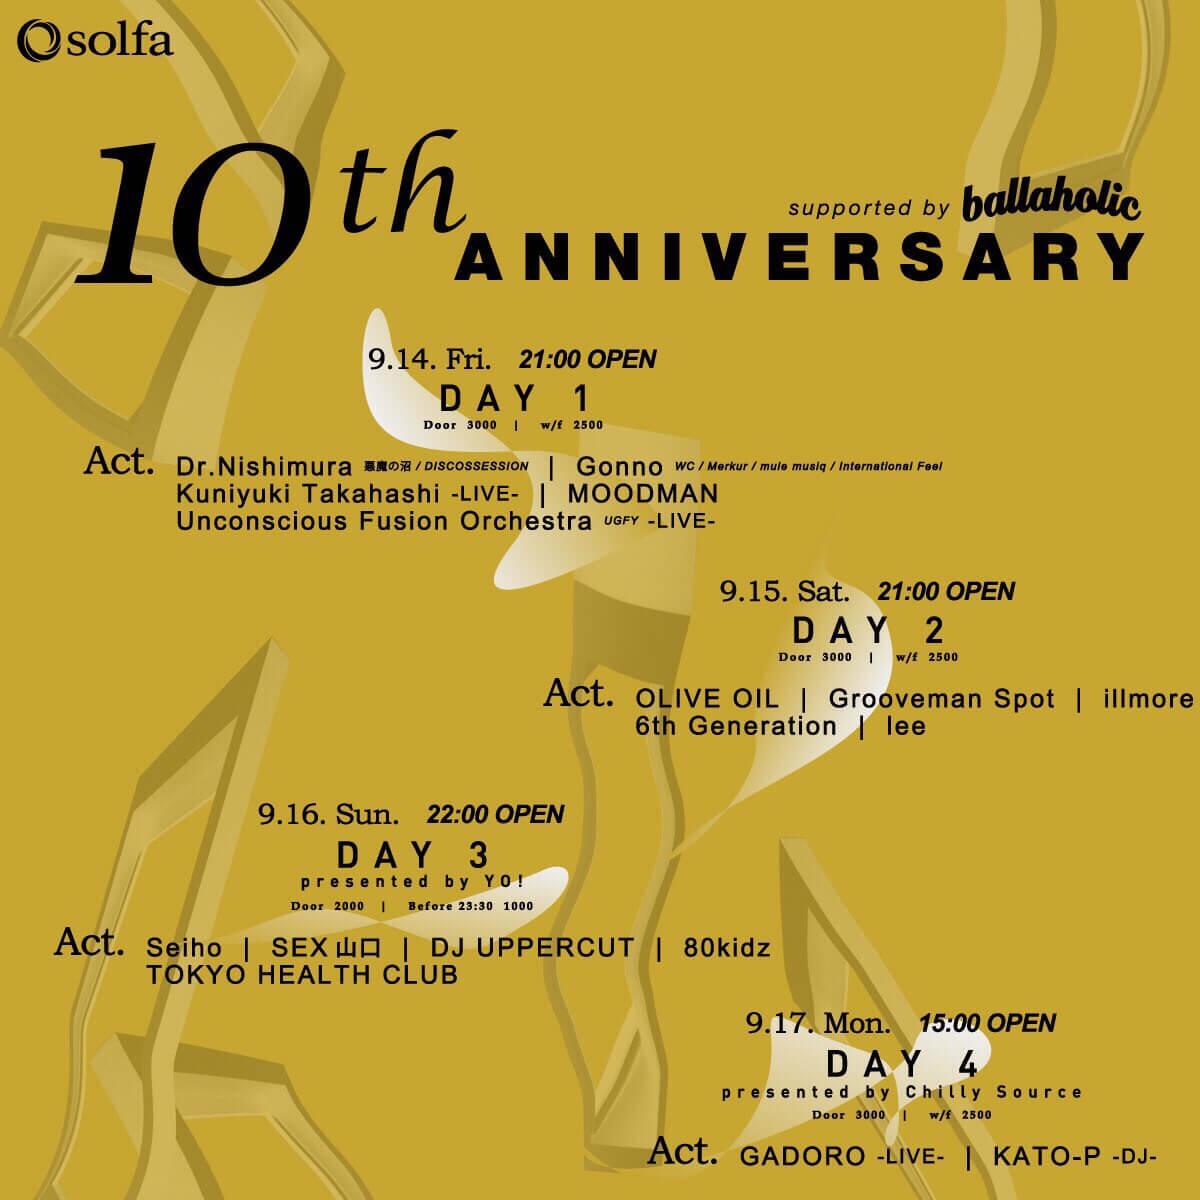 中目黒solfaの10周年アニバーサリーイベントが4日間に渡り開催|FNCYやGonno、OLIVE OIL、Chilly Sourceらが登場 music180906-solfa-10th-anniversary-8